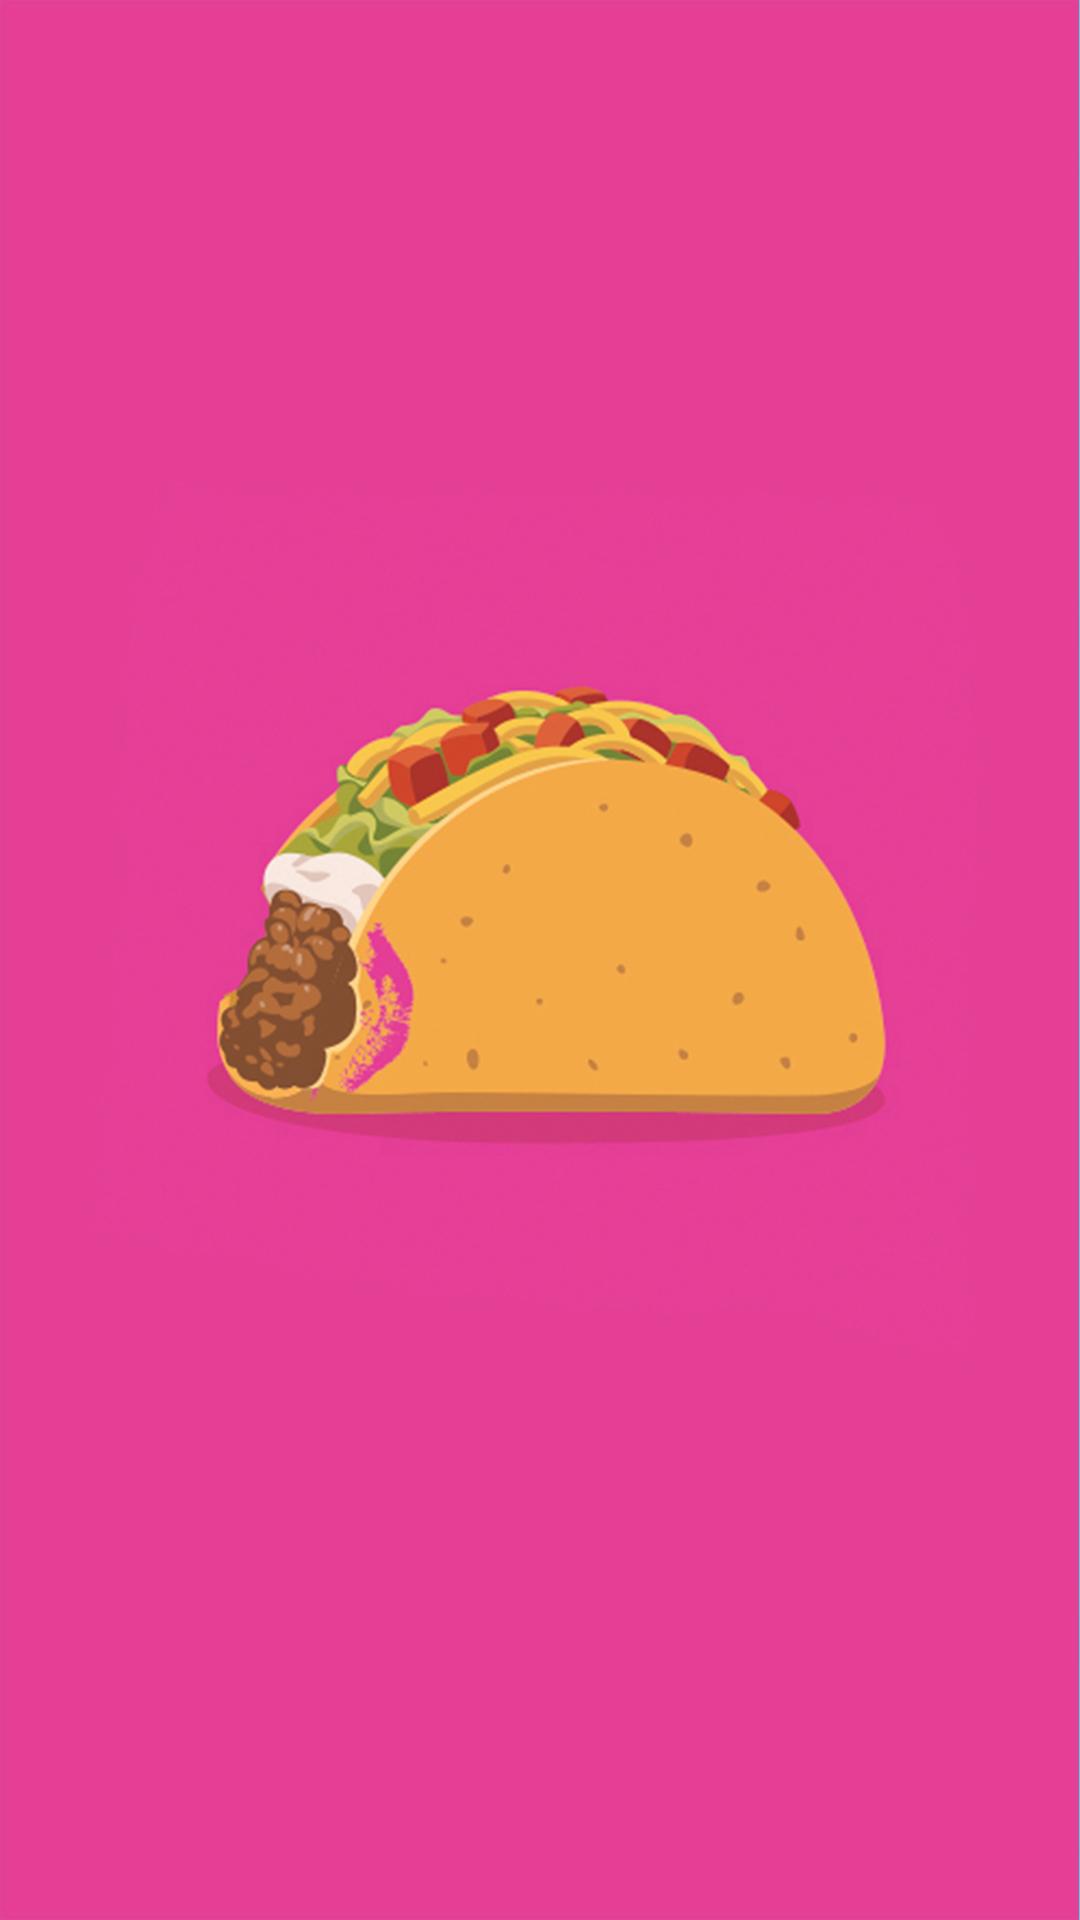 Taco Bell Wallpaper-19